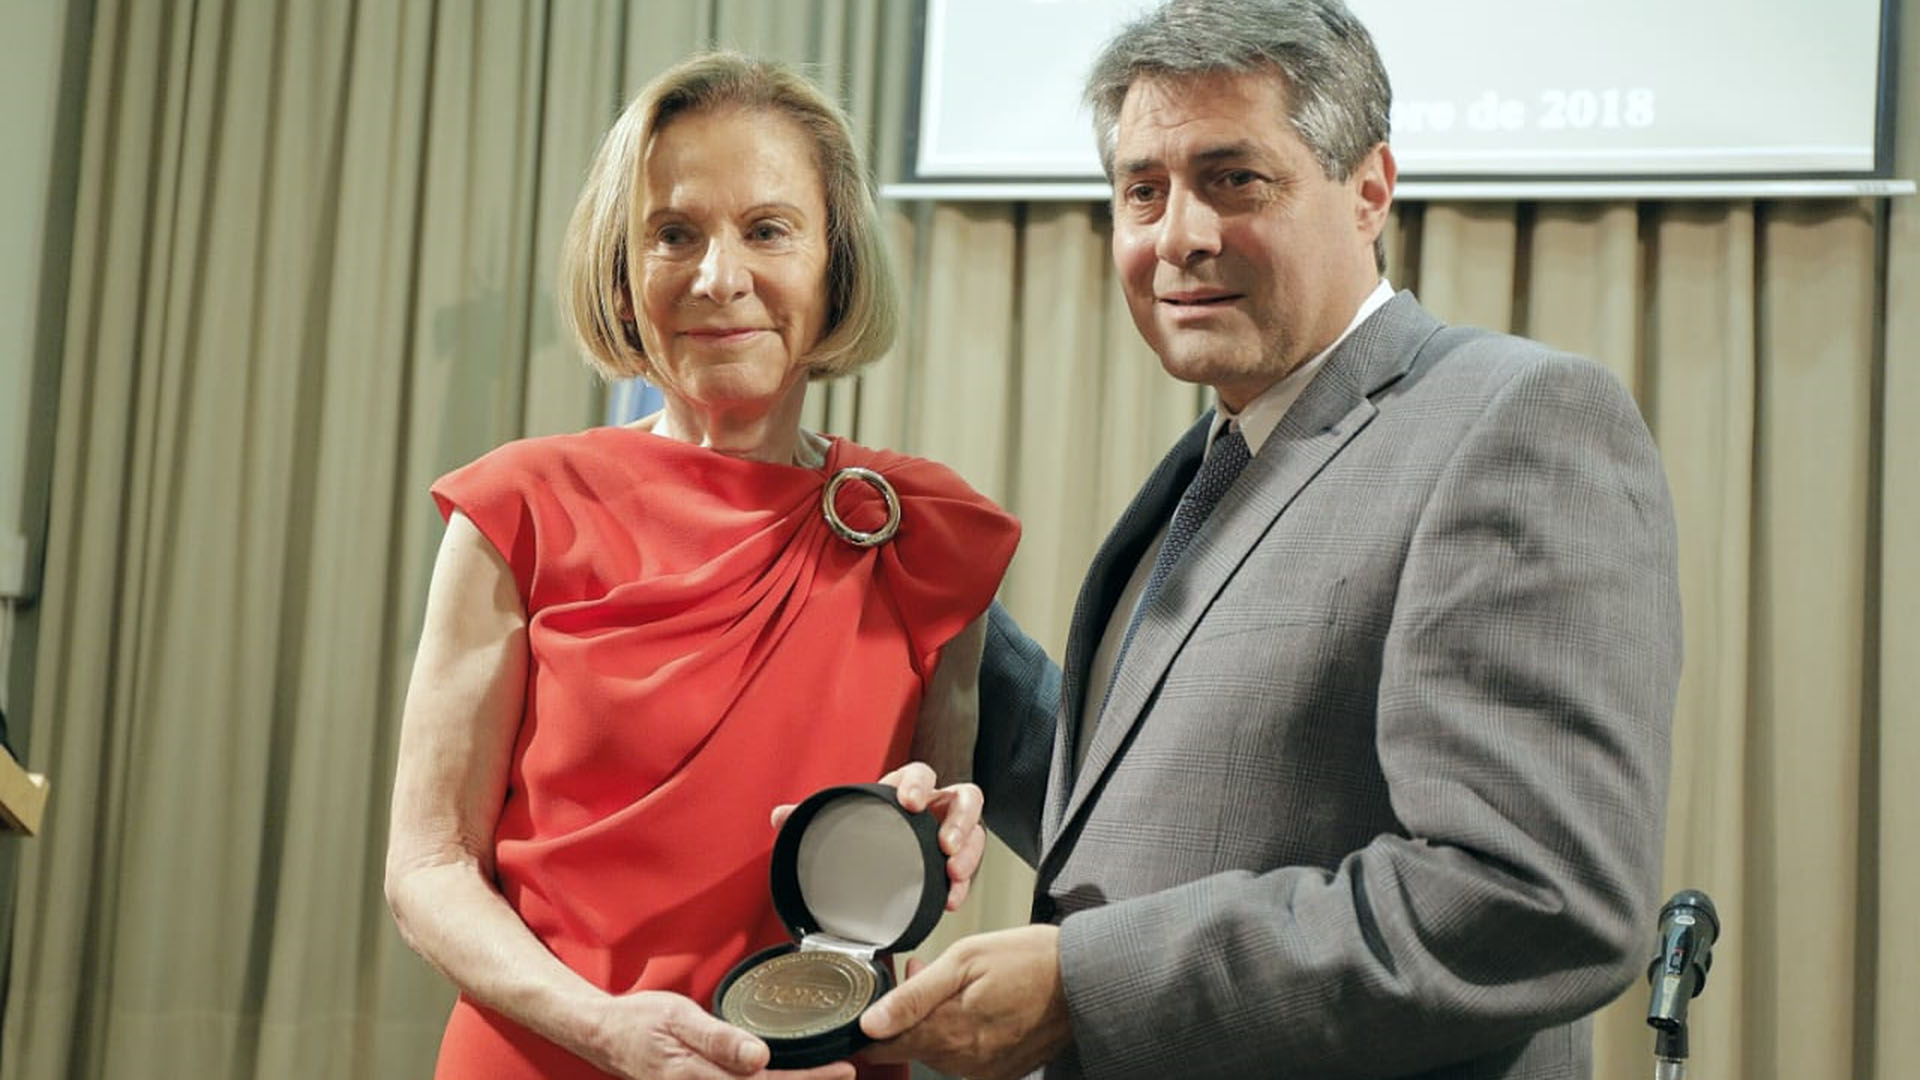 La juez Inés Weinberg fue distinguida por la UCES